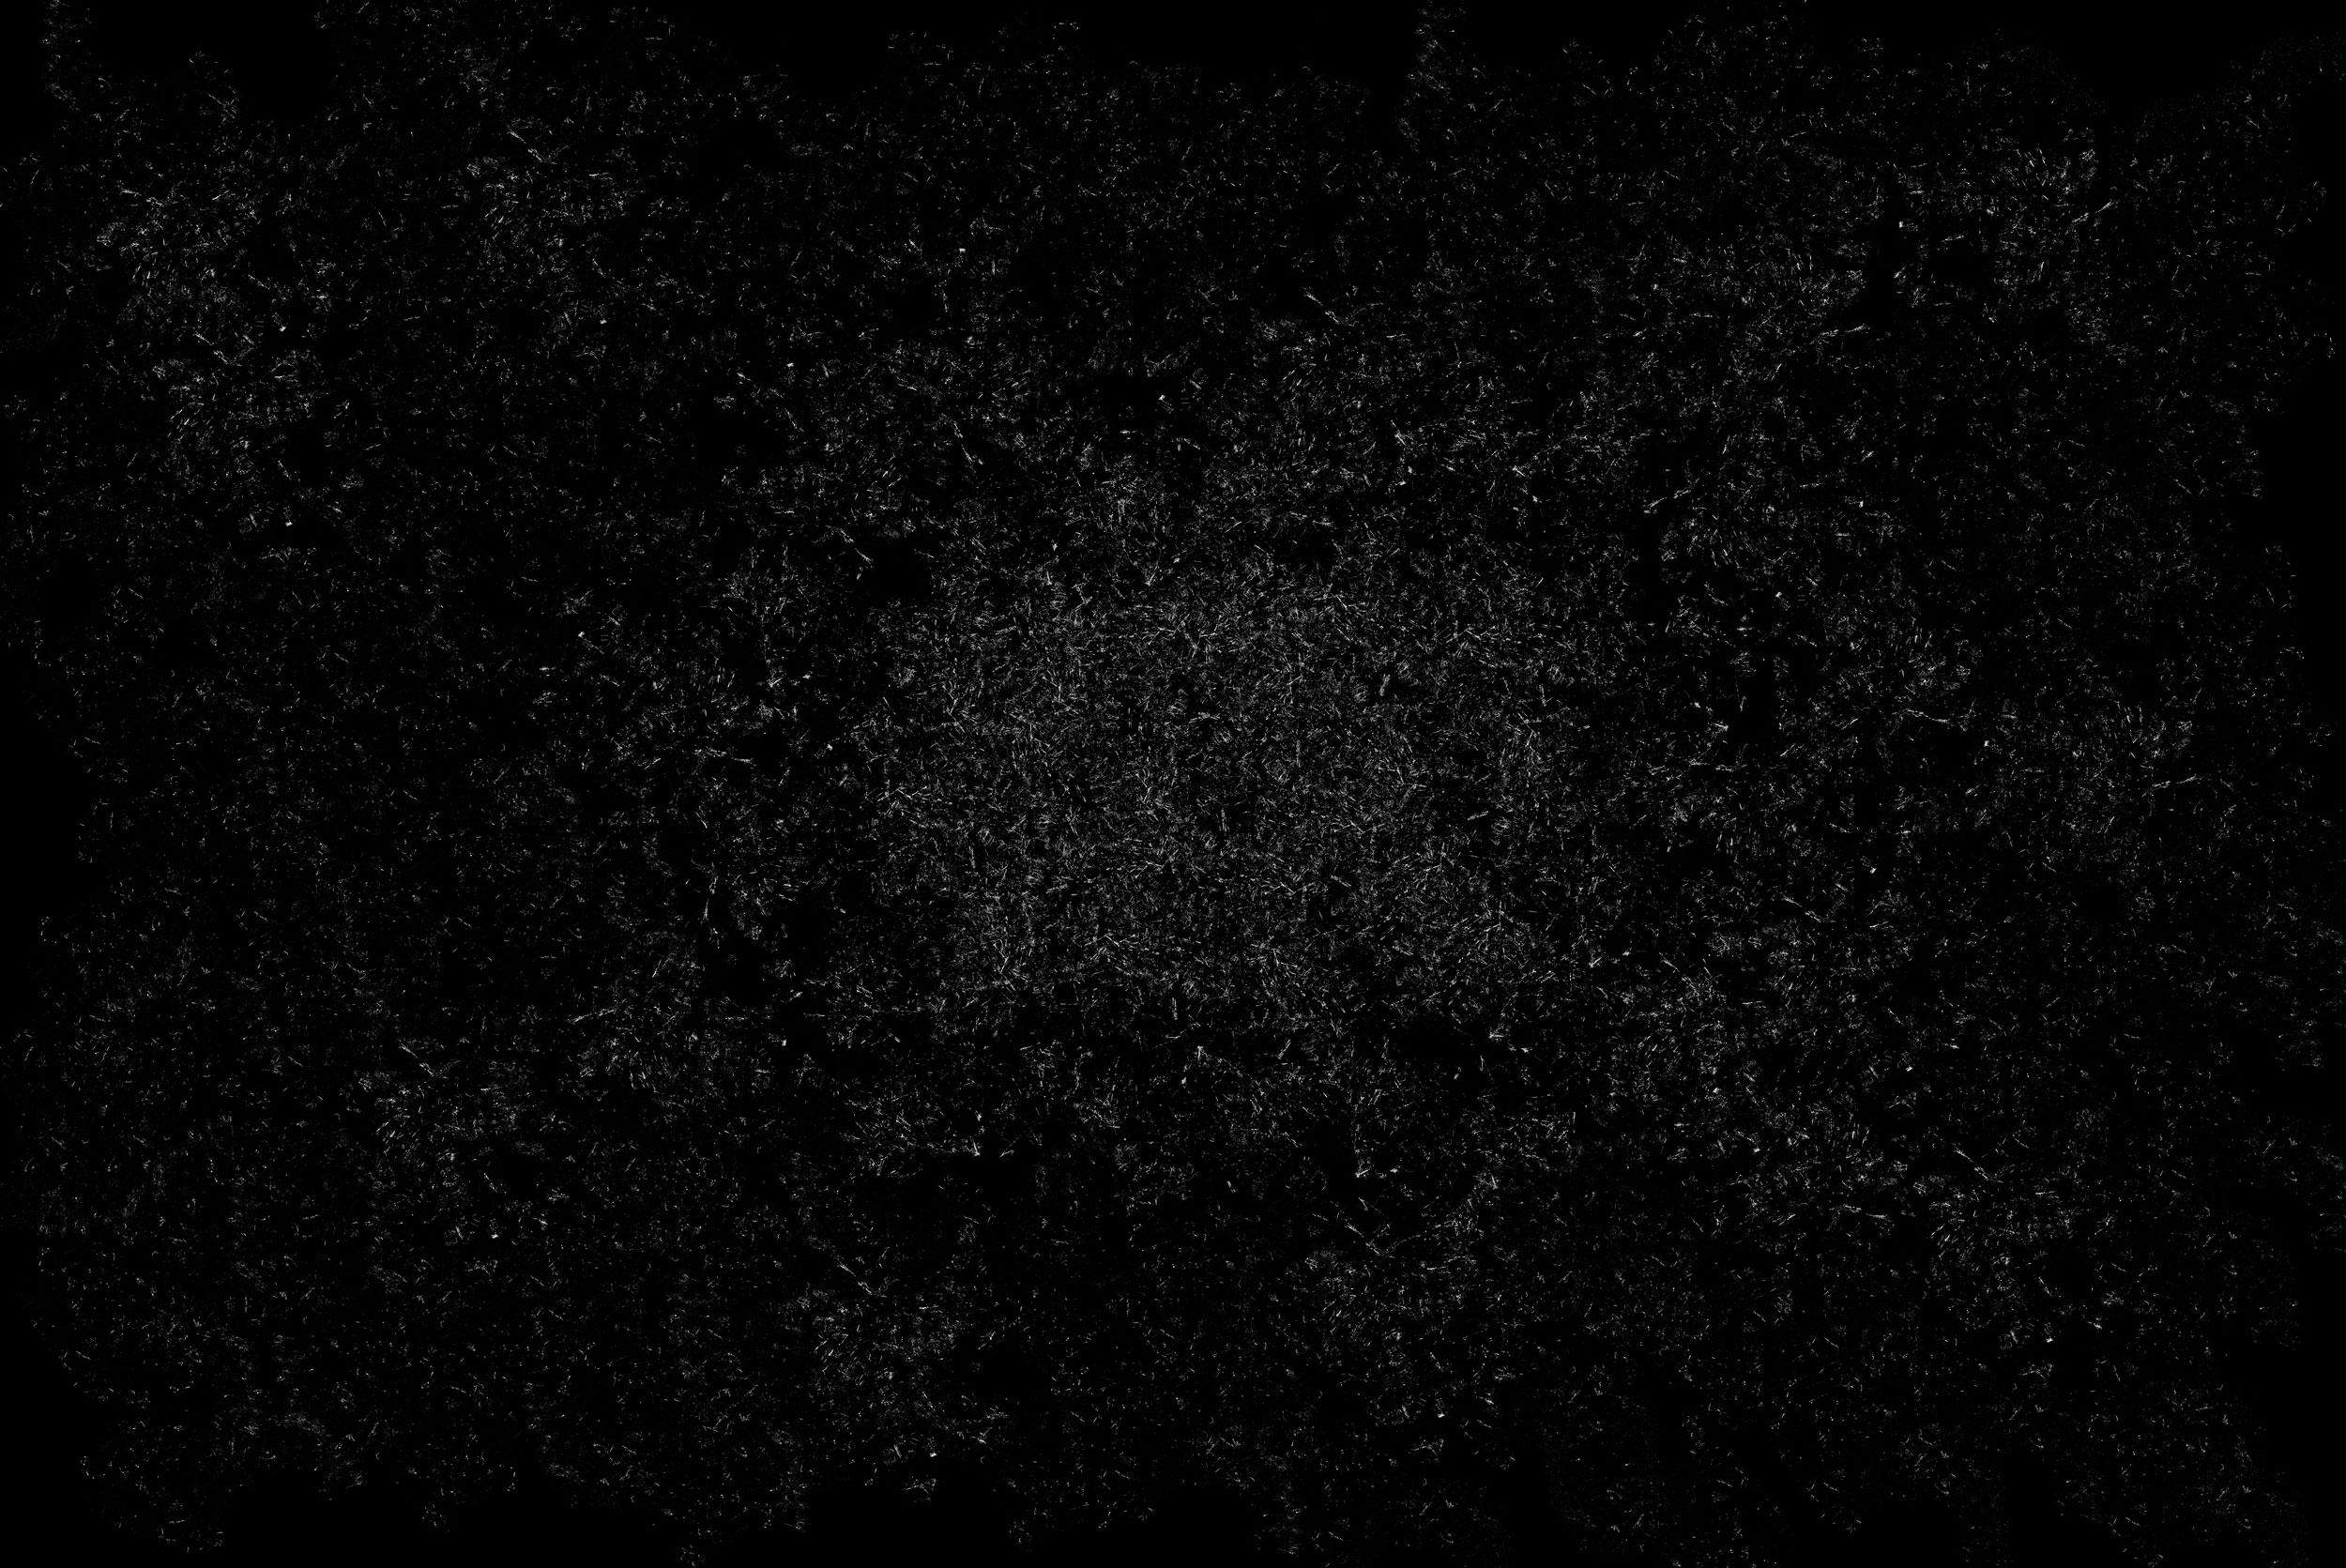 RES_dust_full.jpg